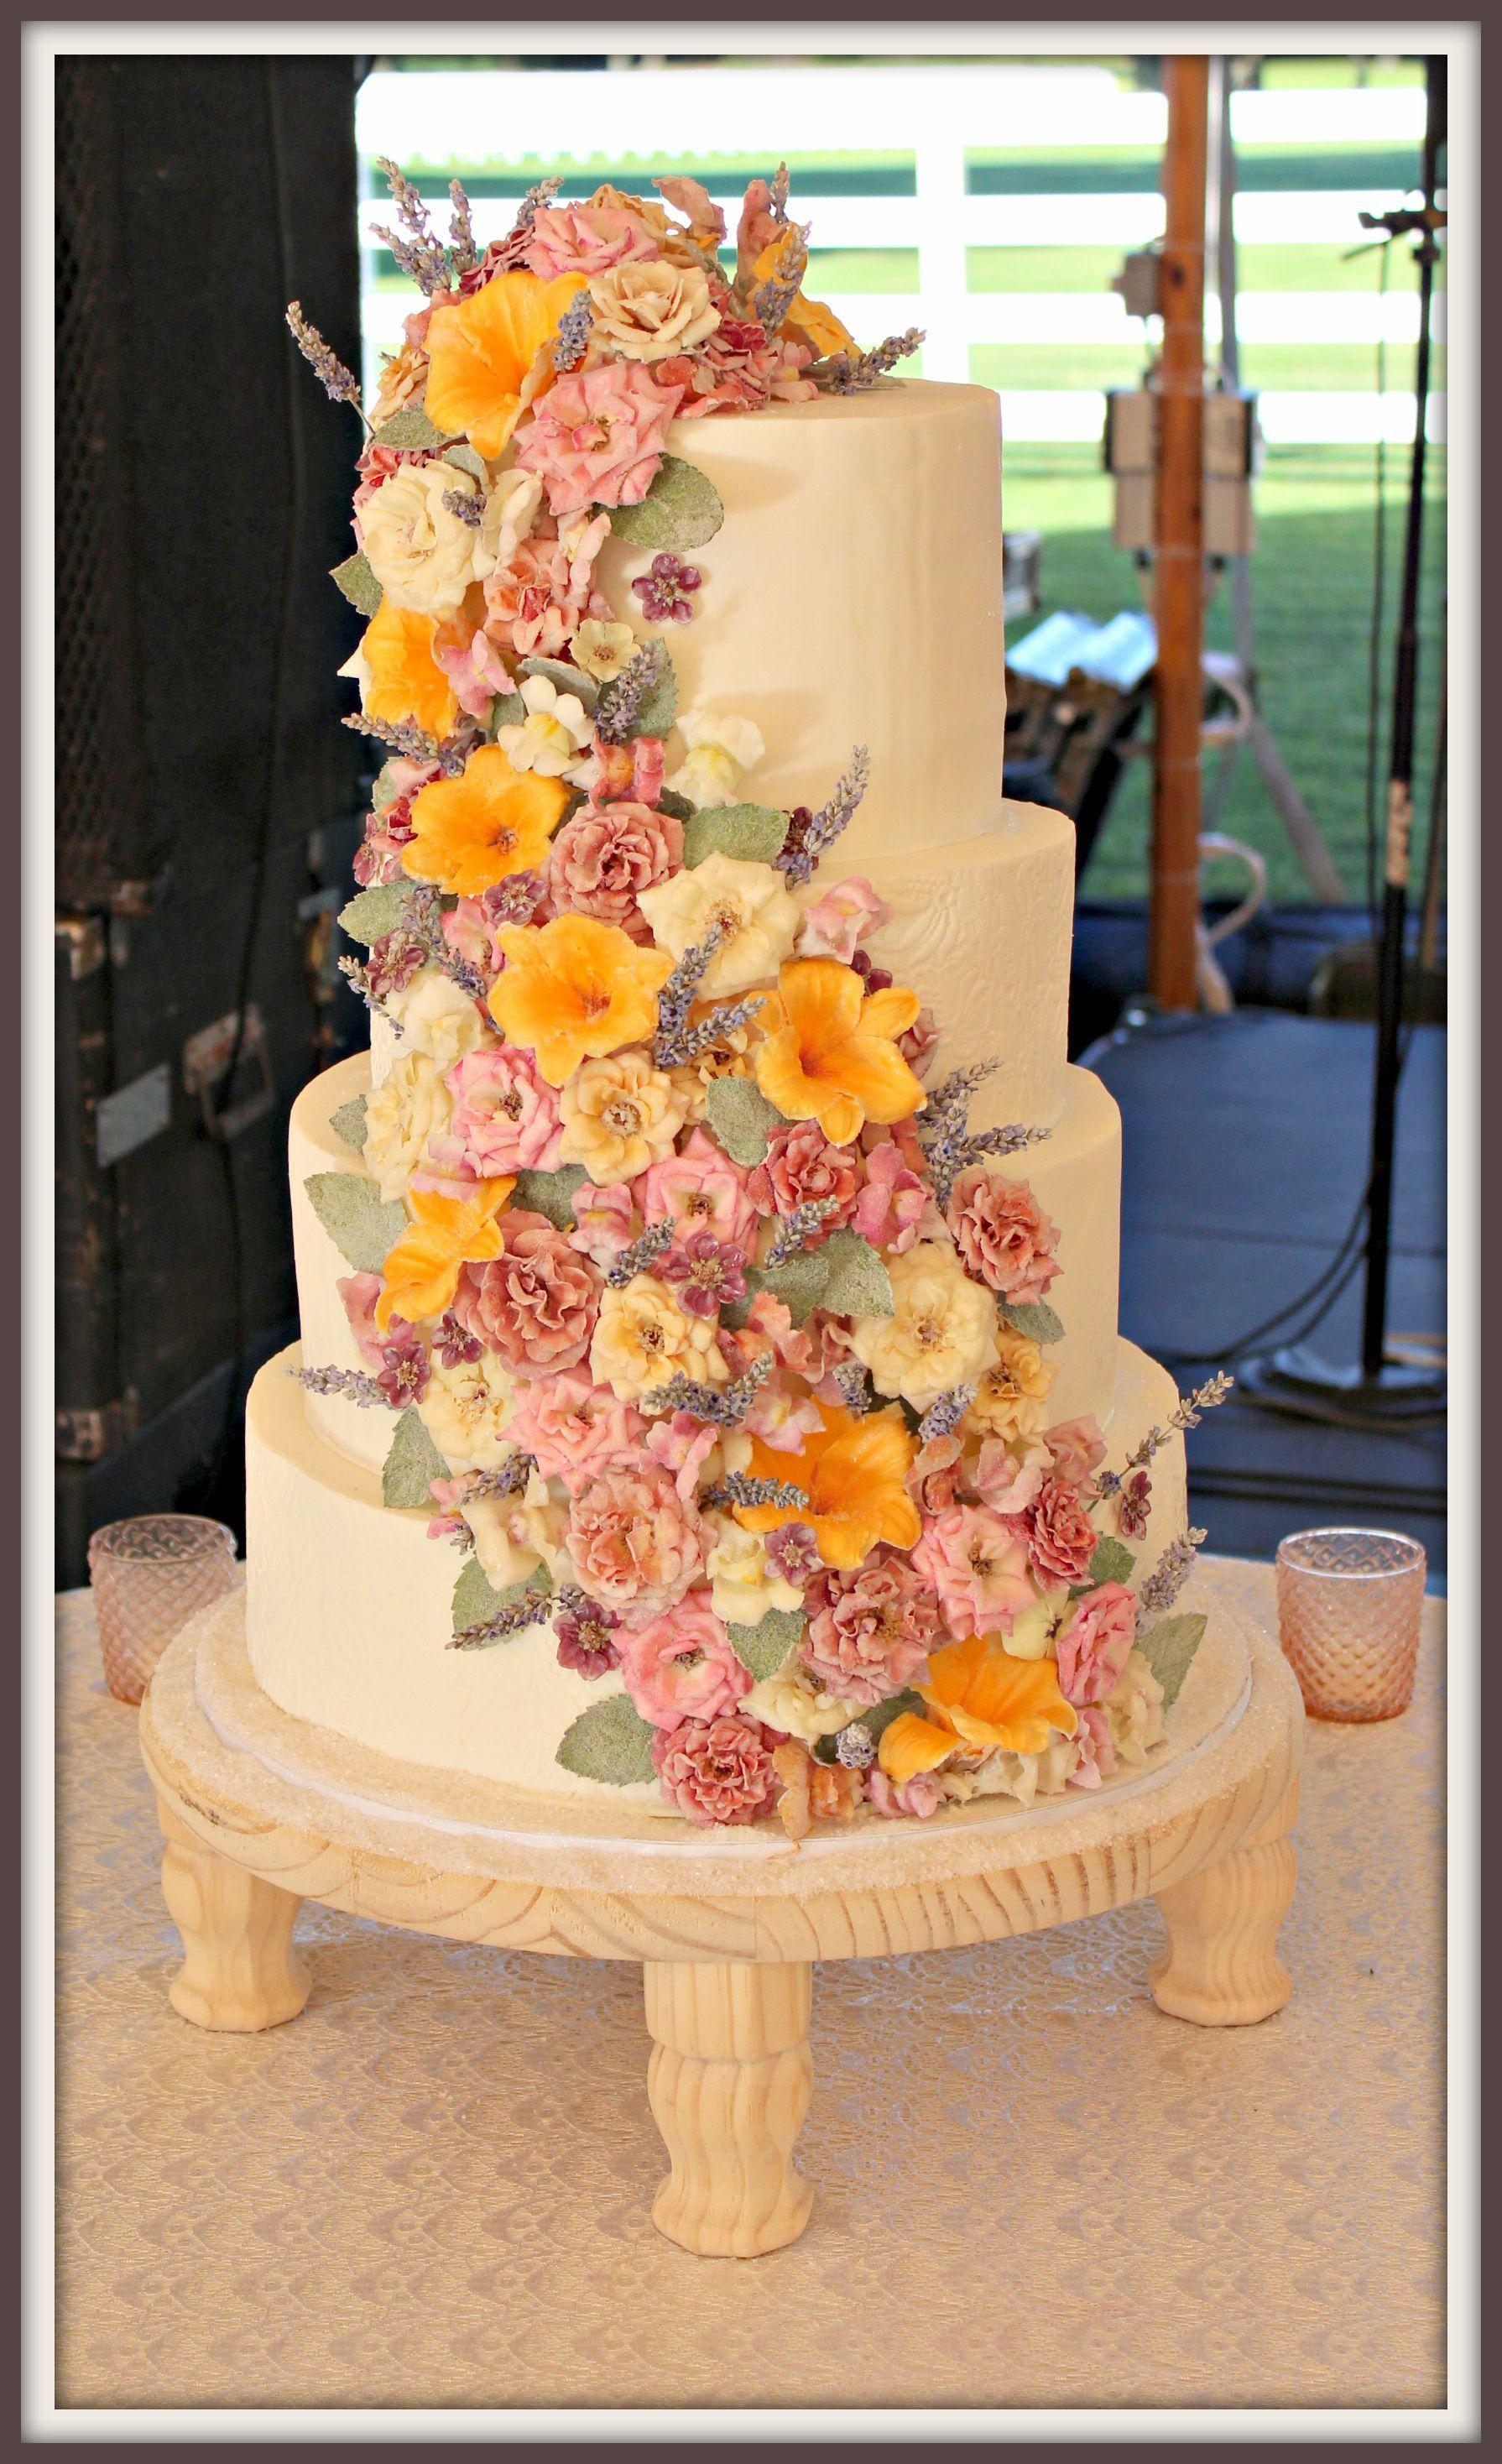 edible flowers for cakes waitrose